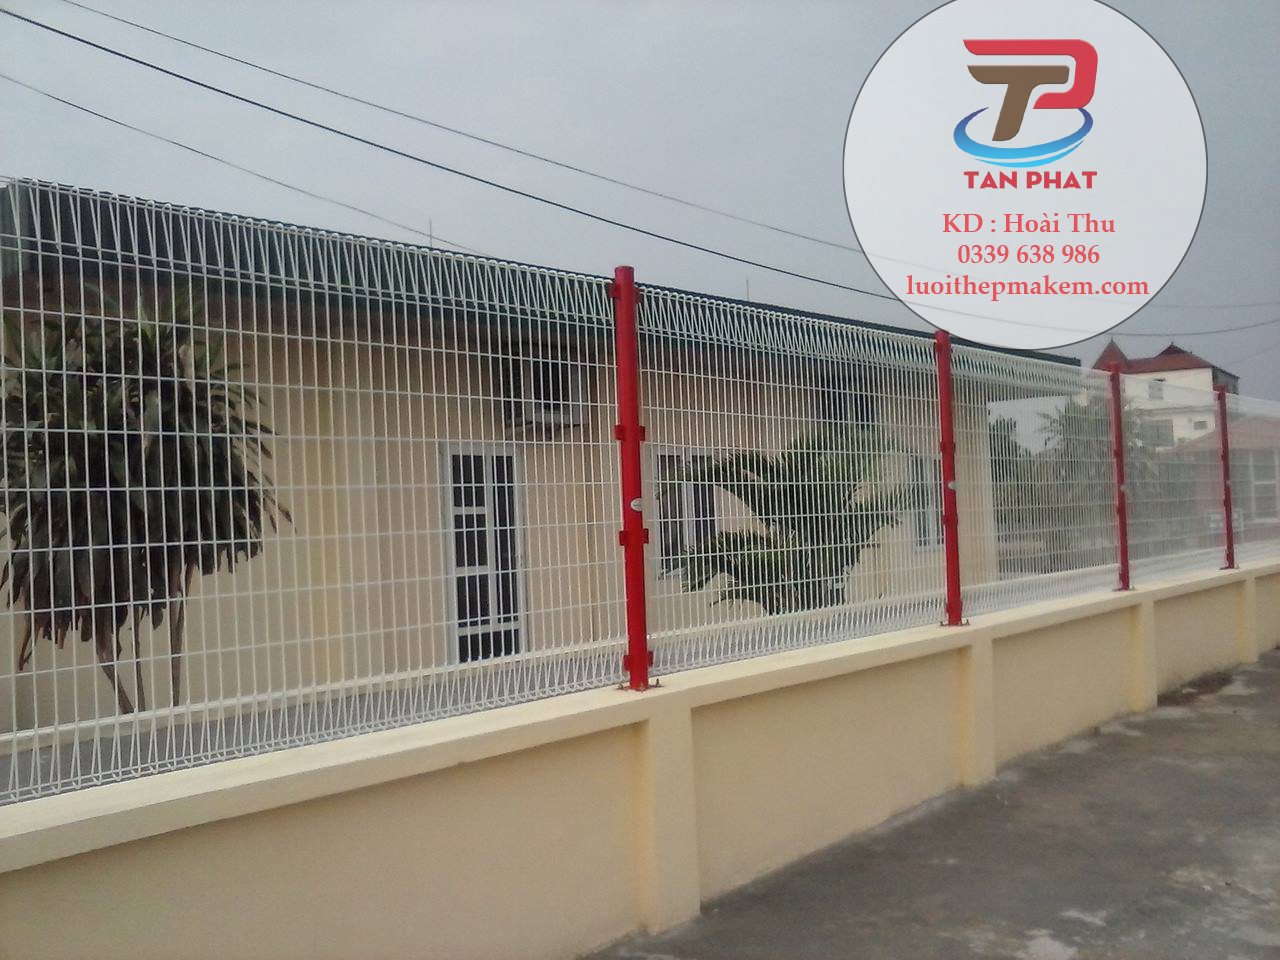 Hàng rào lưới thép, hàng rào lưới B40, lưới hàng rào, hàng rào lưới thép hàn